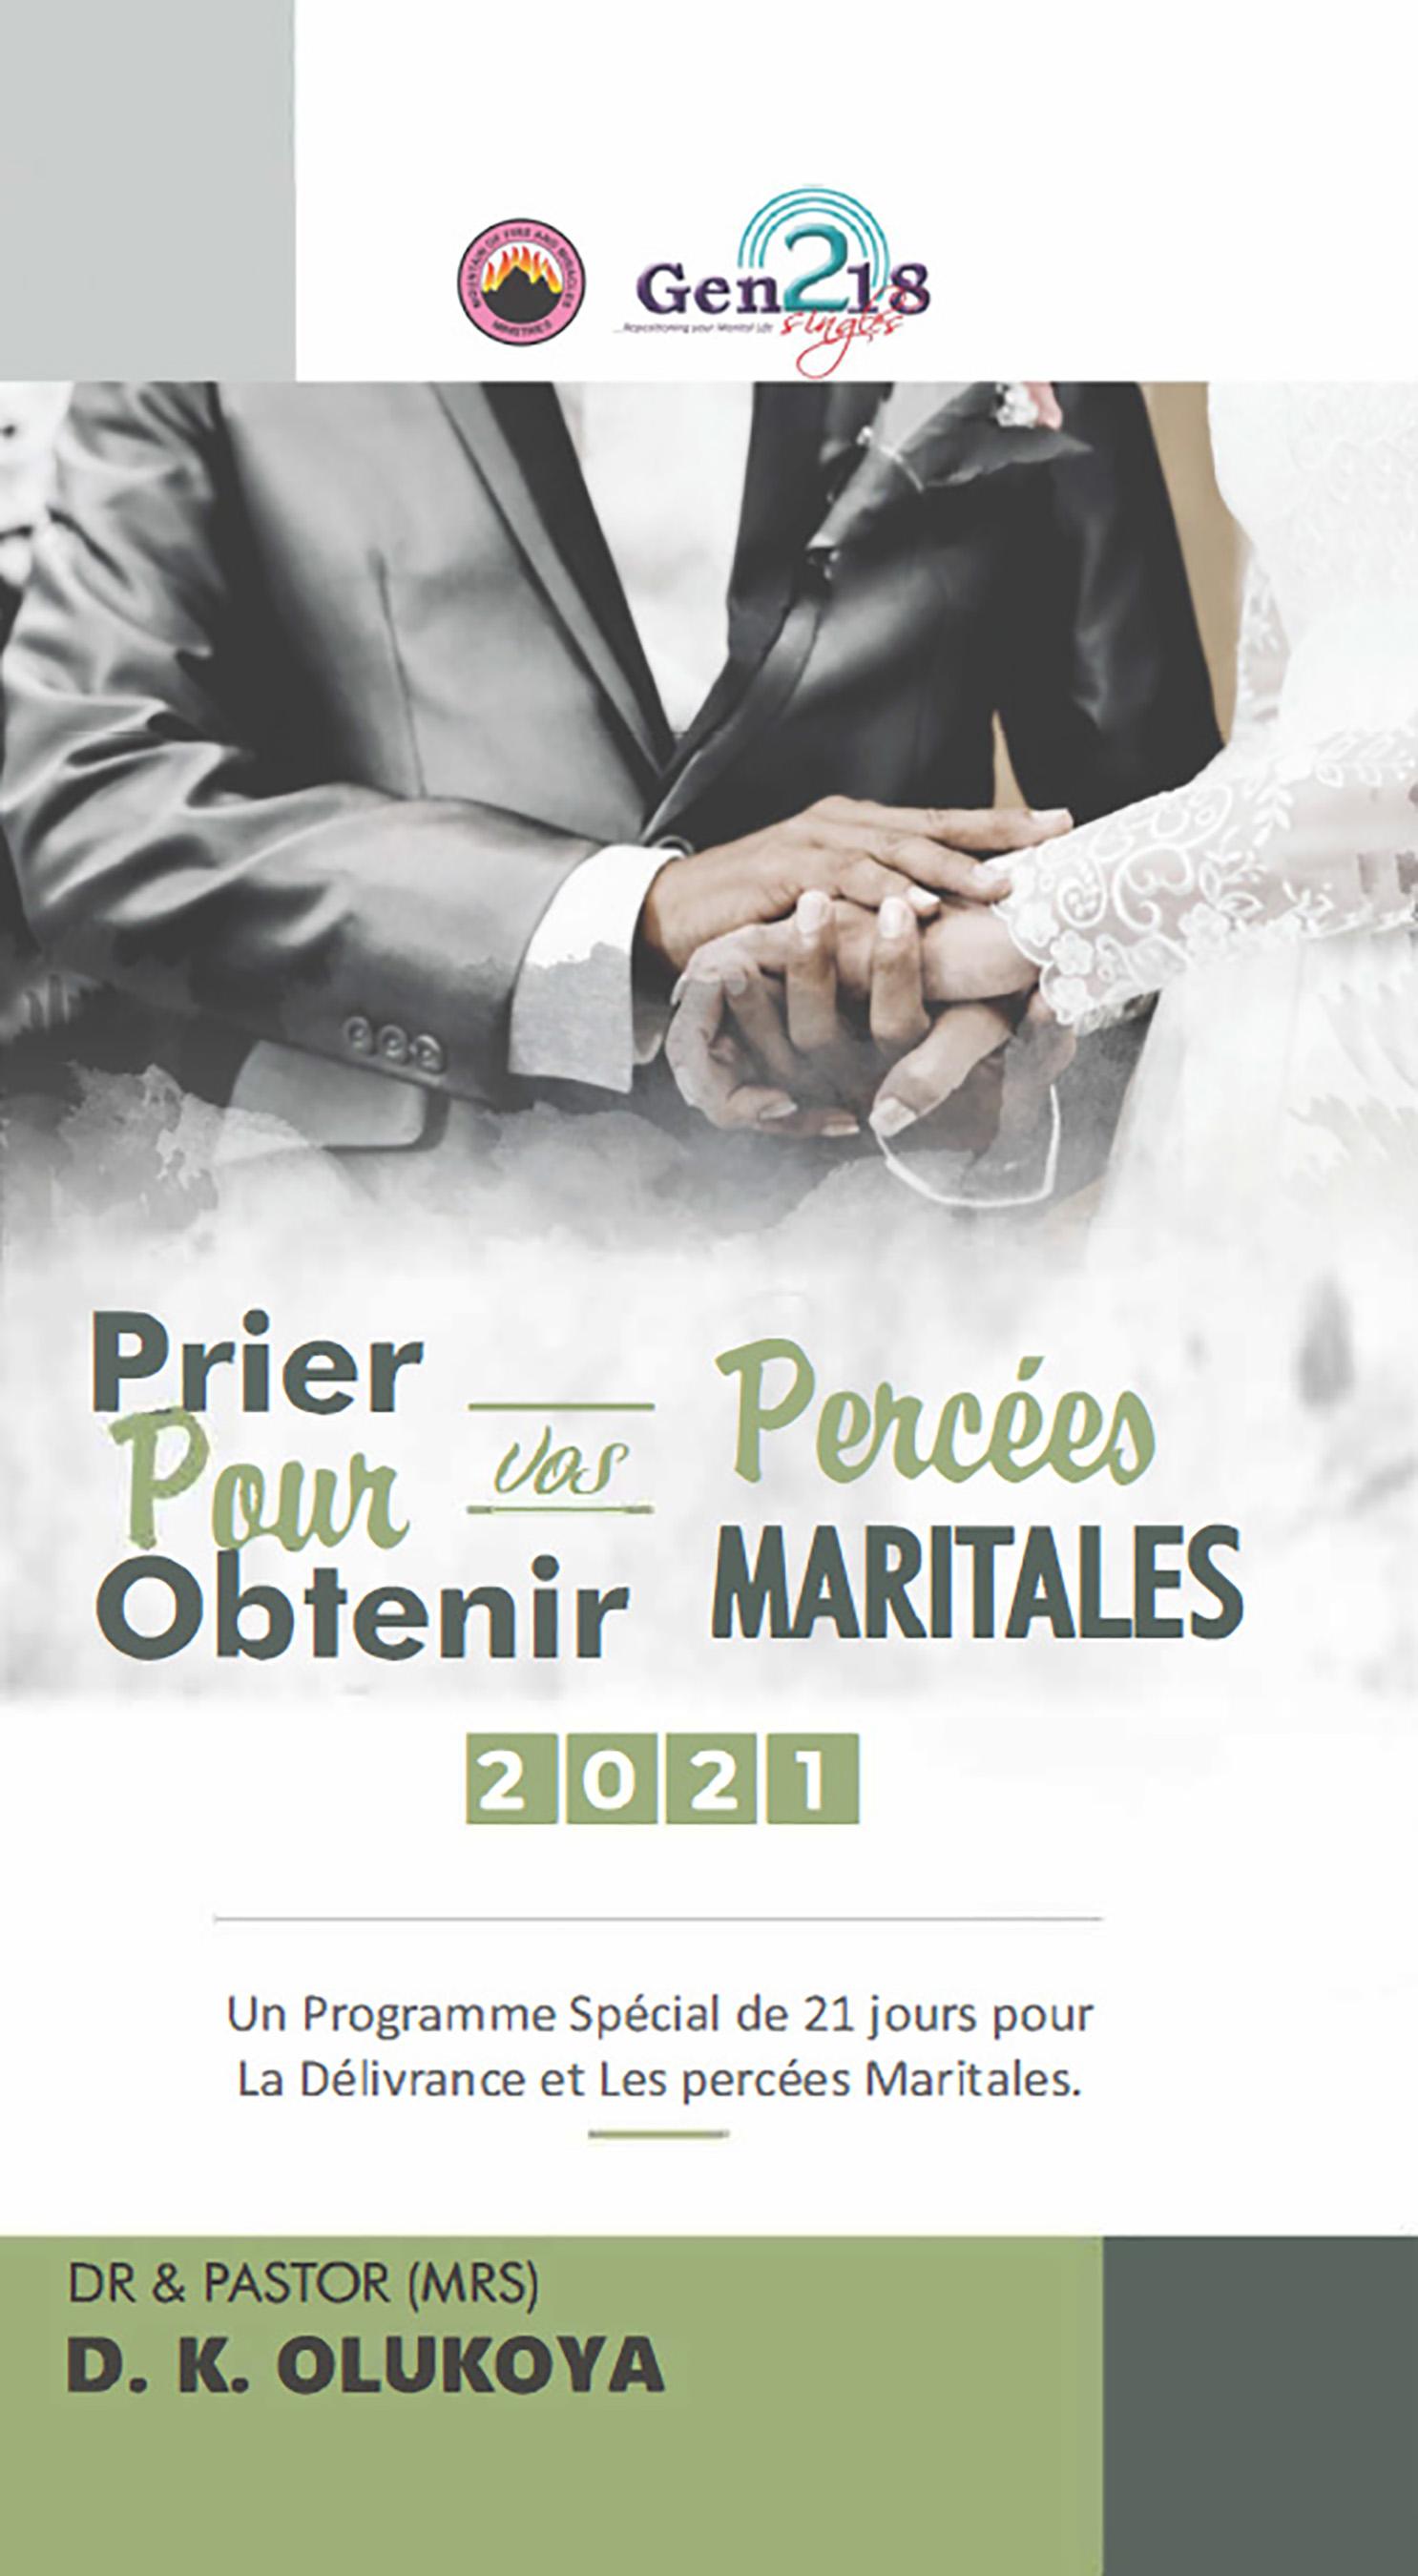 Prier pour obtenir vos percées maritales 2021